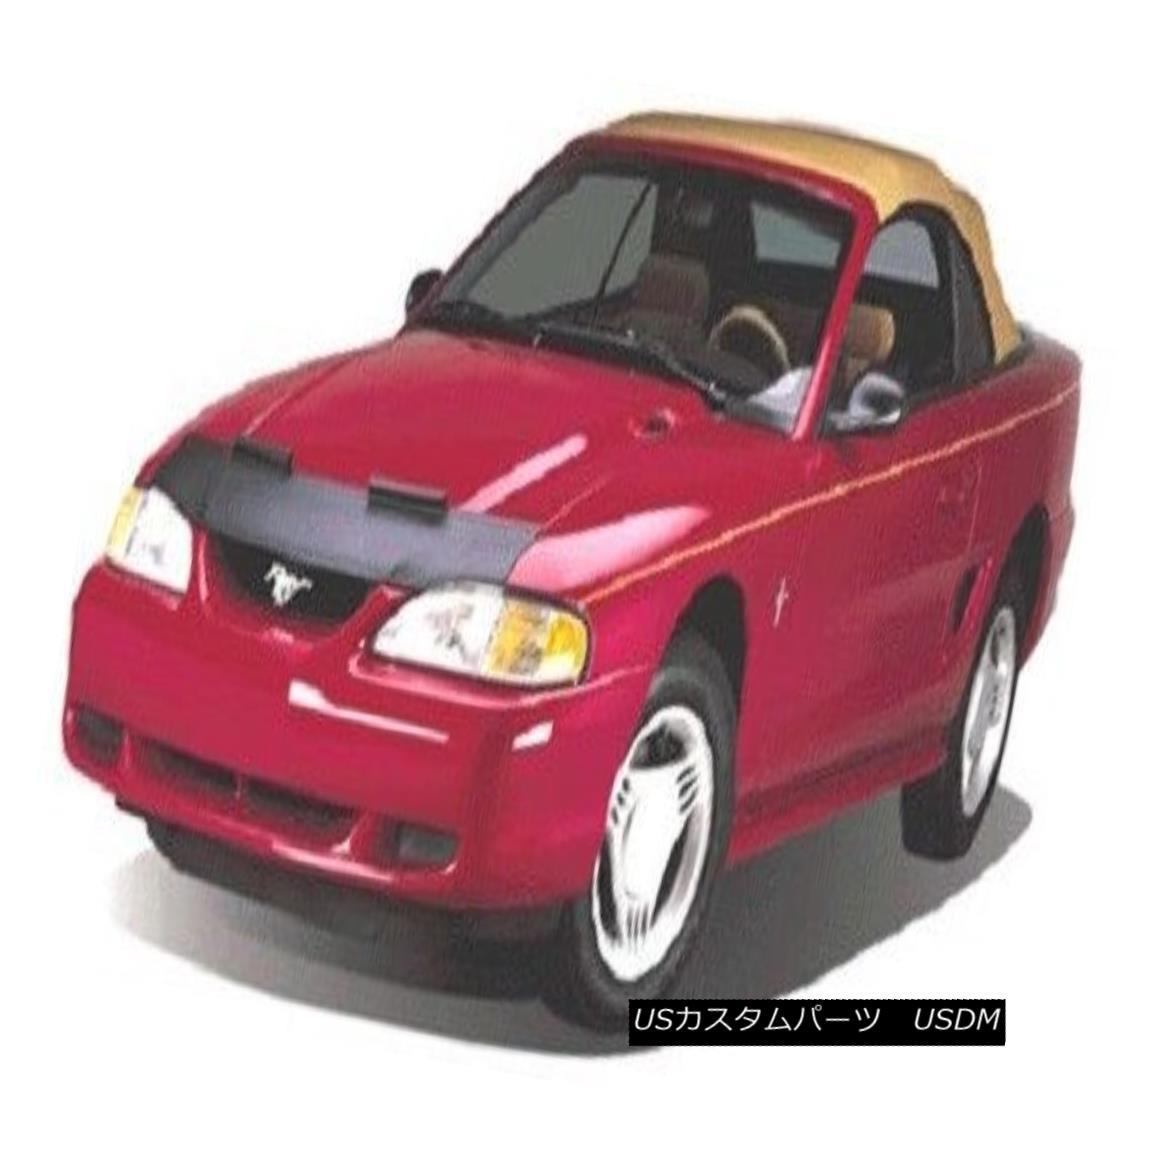 フルブラ ノーズブラ Lebra Hood Protector Mini Mask Bra Fits 1999-2003 Ford Windstar Lebraフードプロテクターミニマスクブラは1999-2003 Ford Windstarに適合